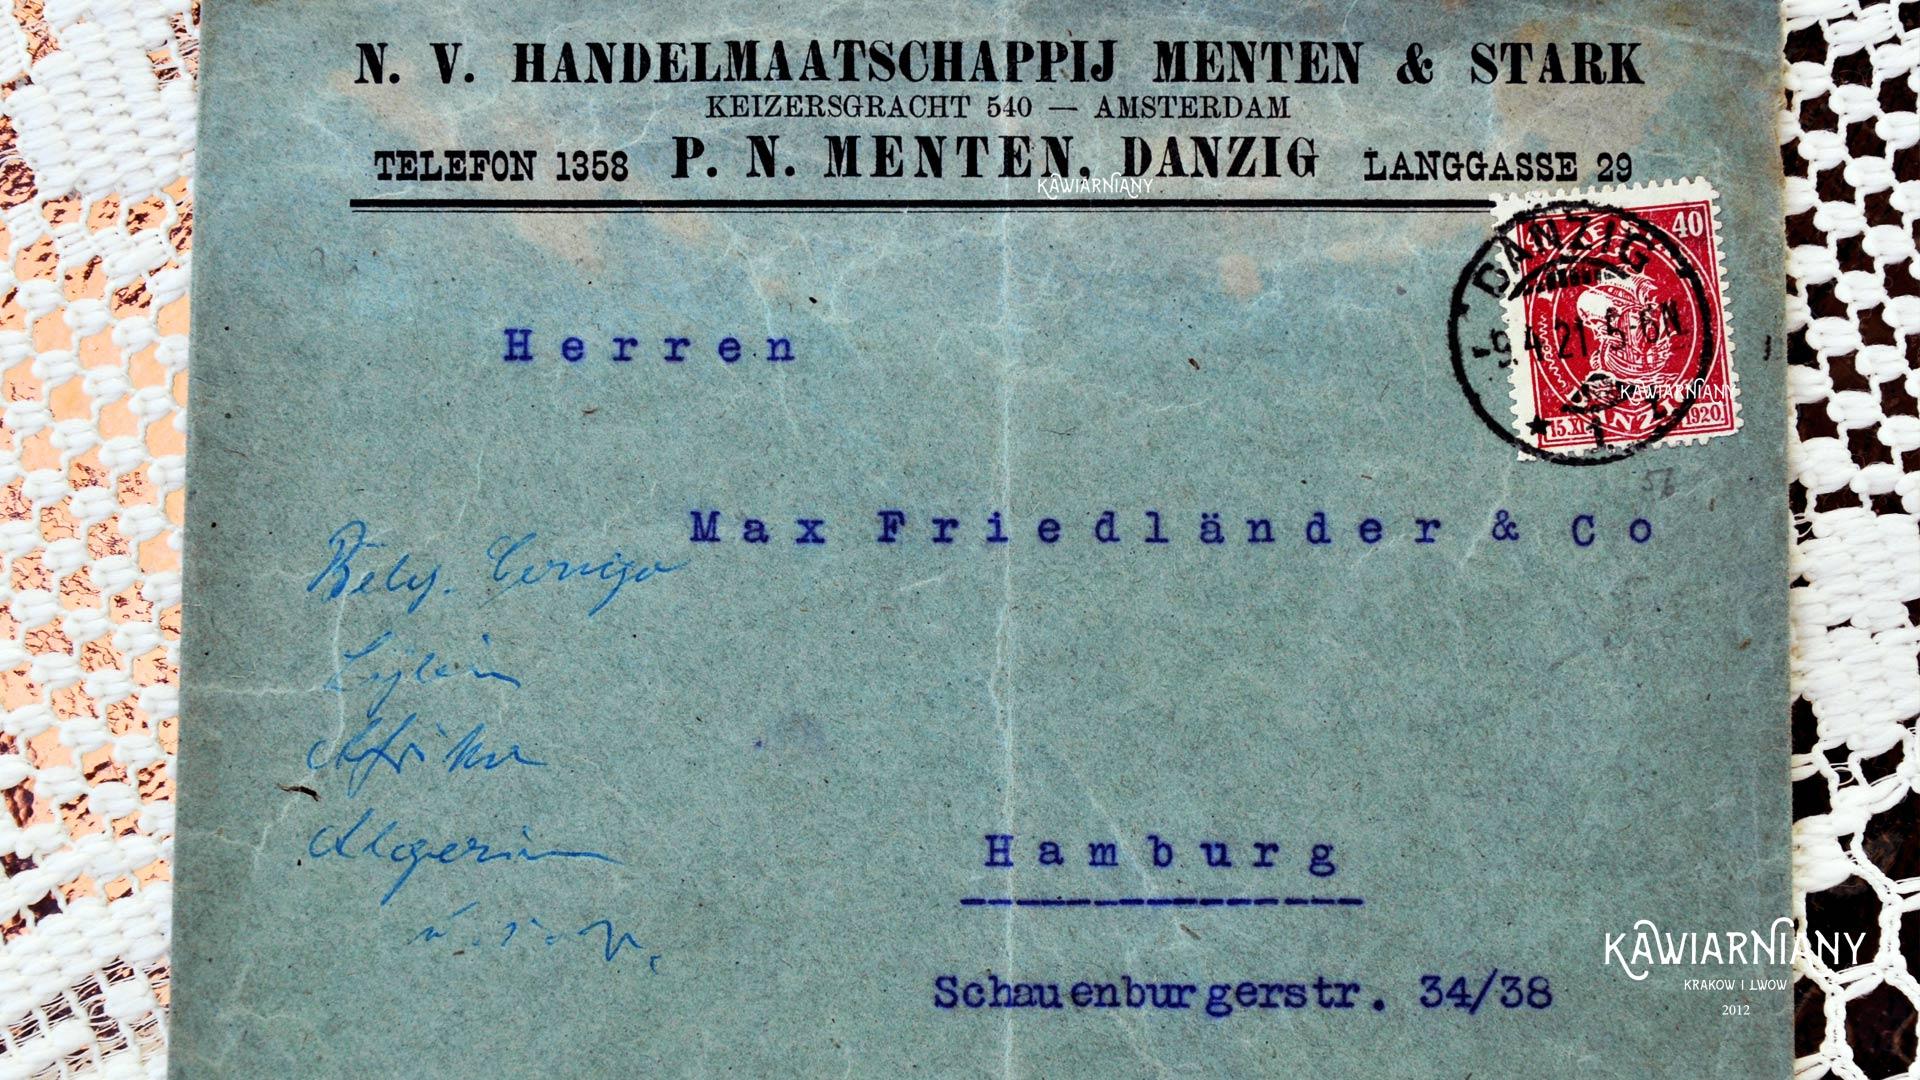 Pieter Menten, Danzig